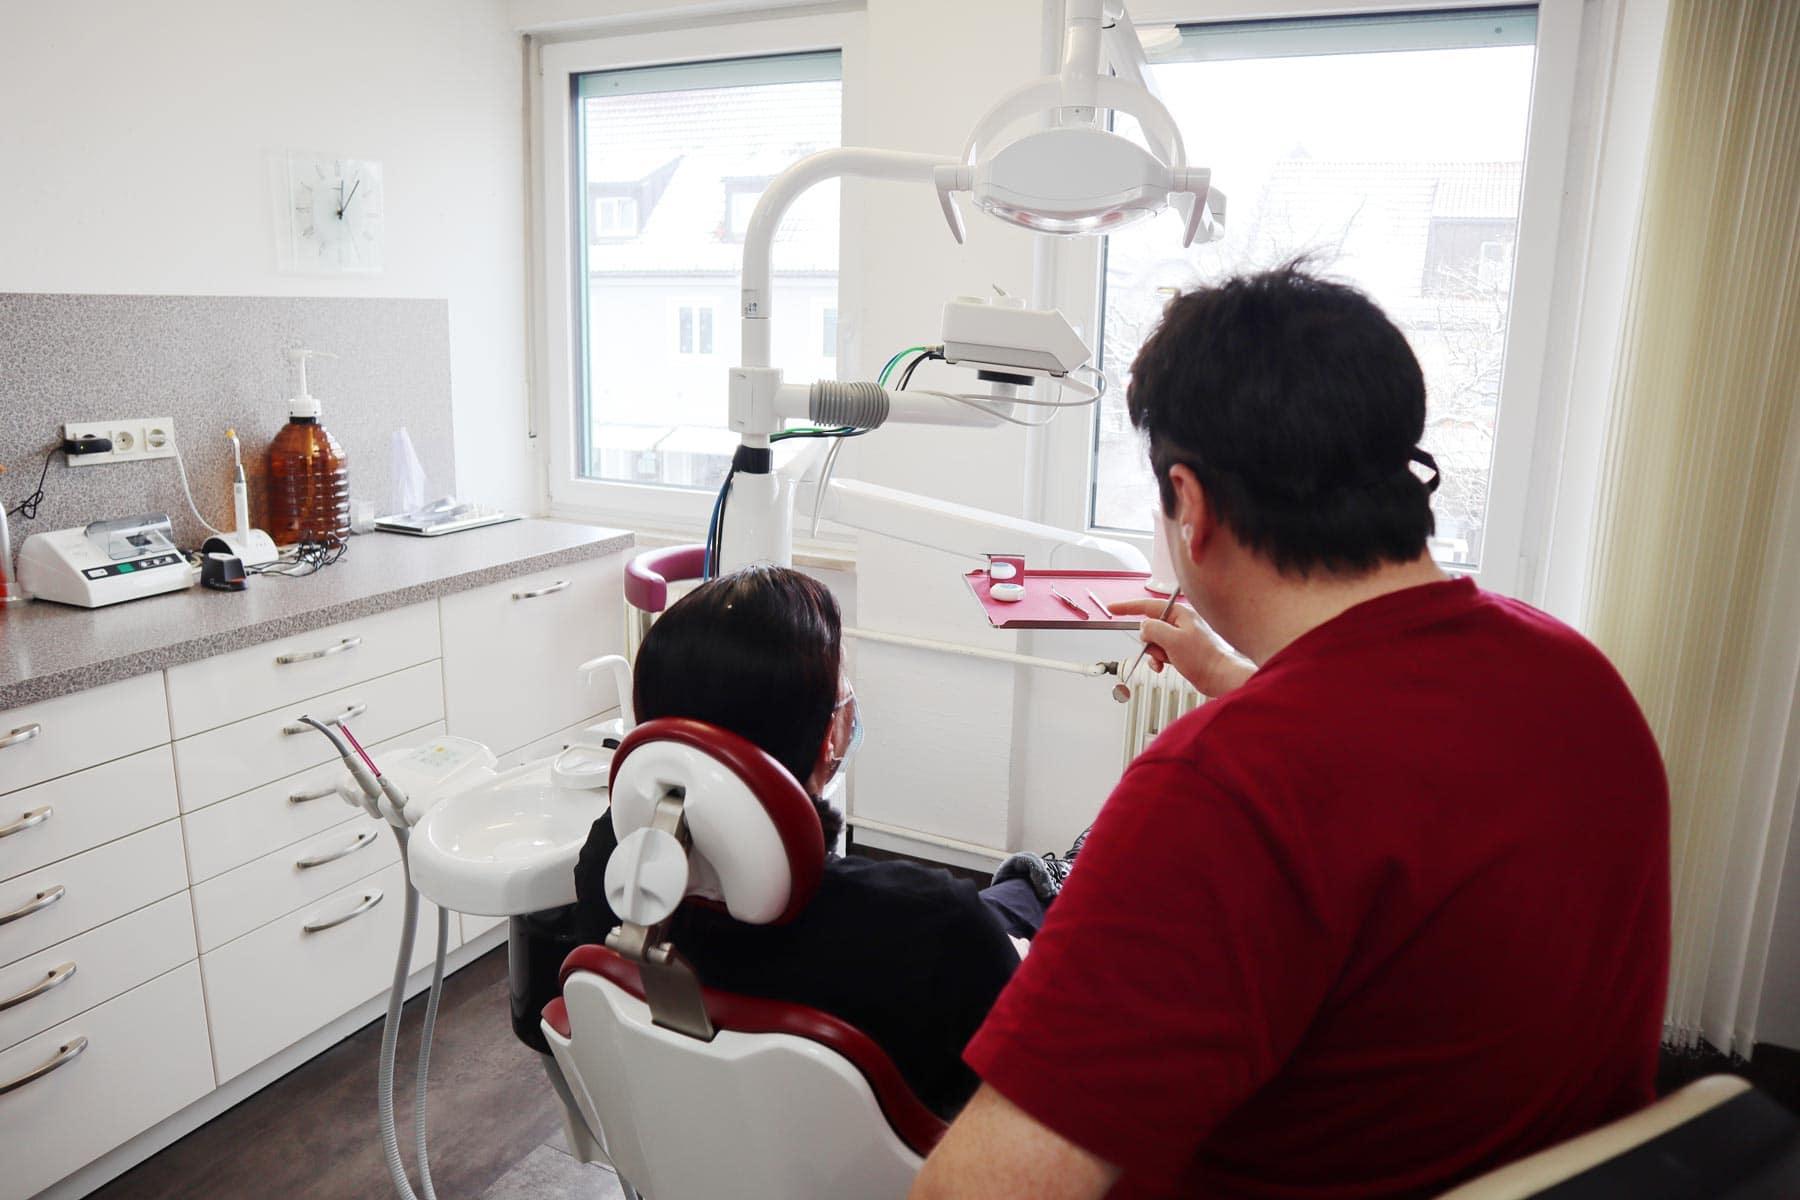 Zahnarzt Nelson Cartagena Behandlung mit Patient